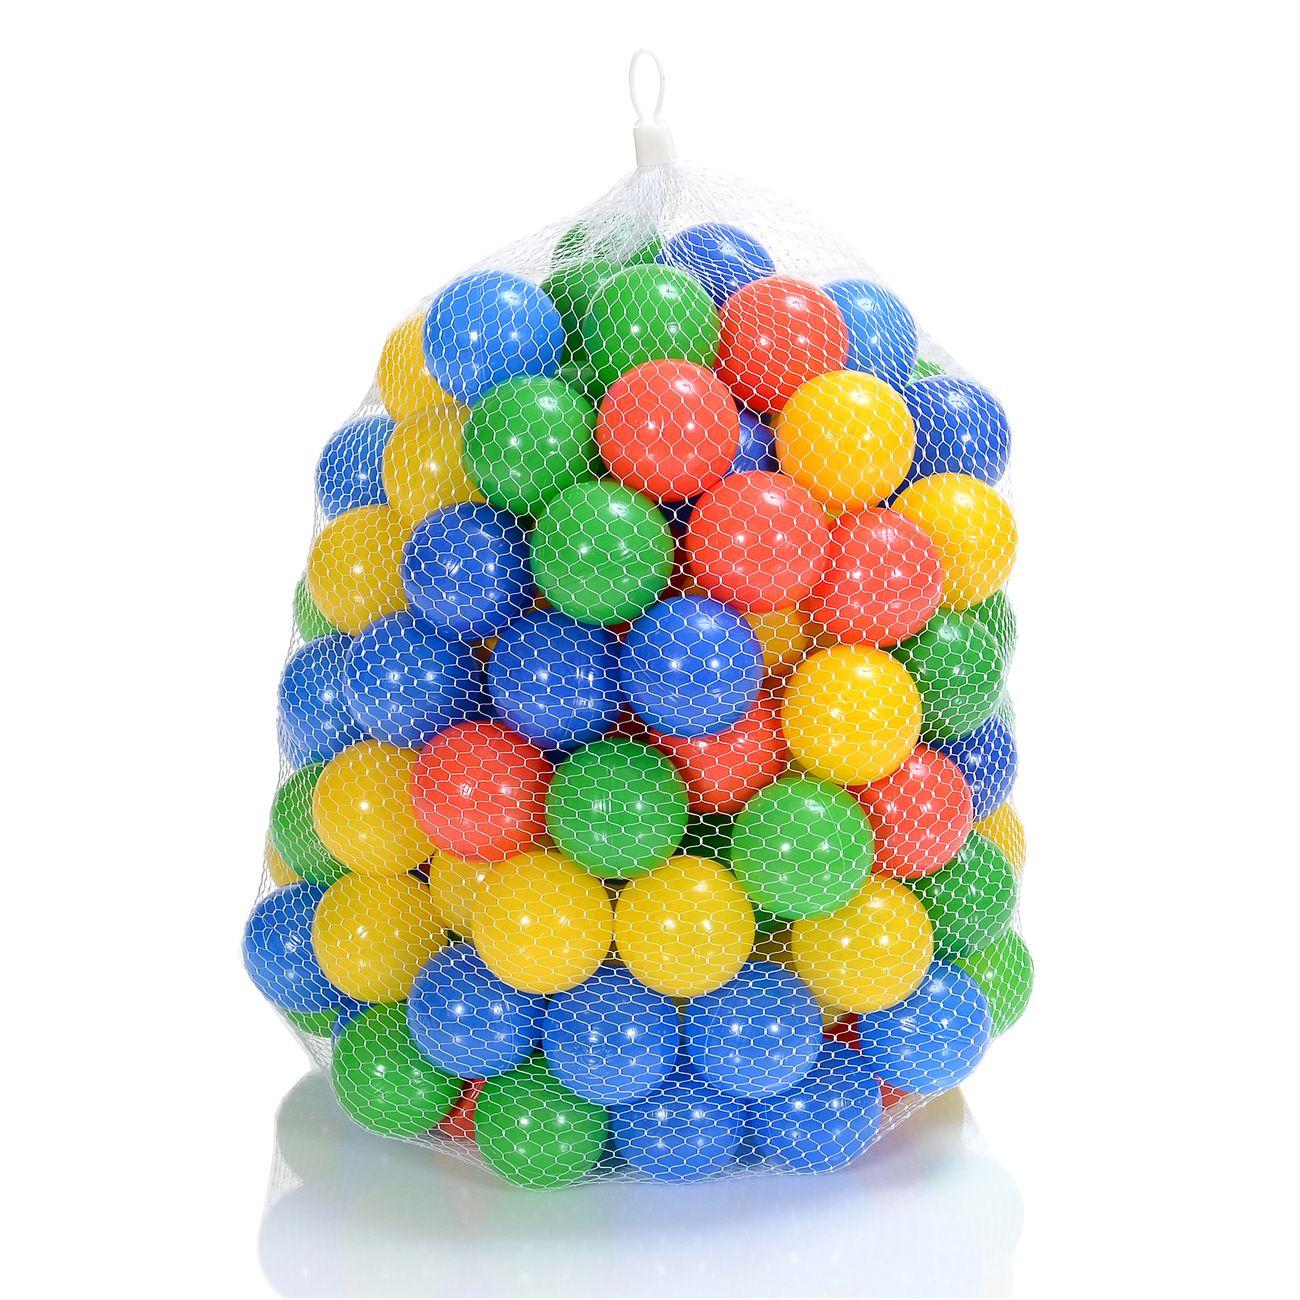 LCP Kids Kinder Spielbälle für Bällebad und Spiel günstig kaufen 100 stk Bunte